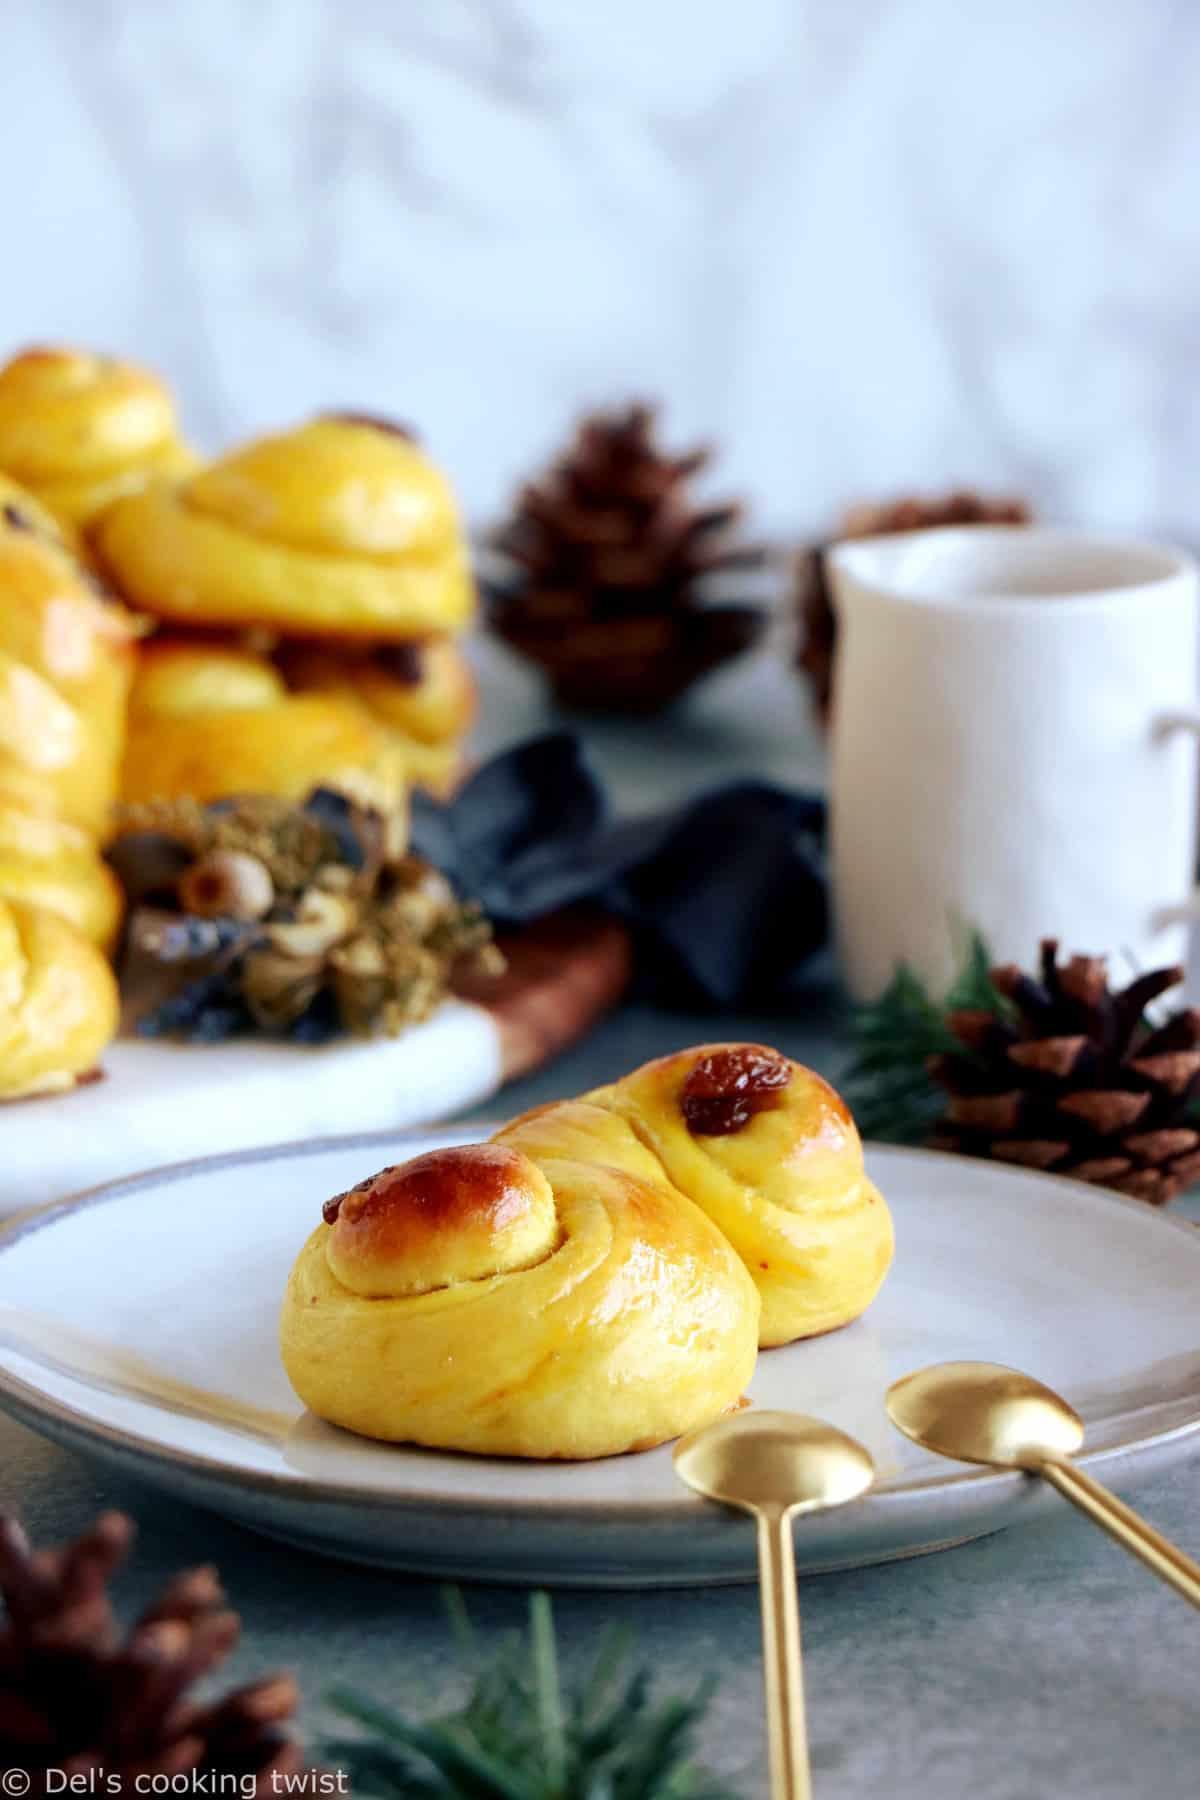 """Les brioches suédoises au safran """"Lussekatter"""" sont des petites brioches typiques de la Ste Lucie en Suède et plus généralement de la période qui précède Noël."""